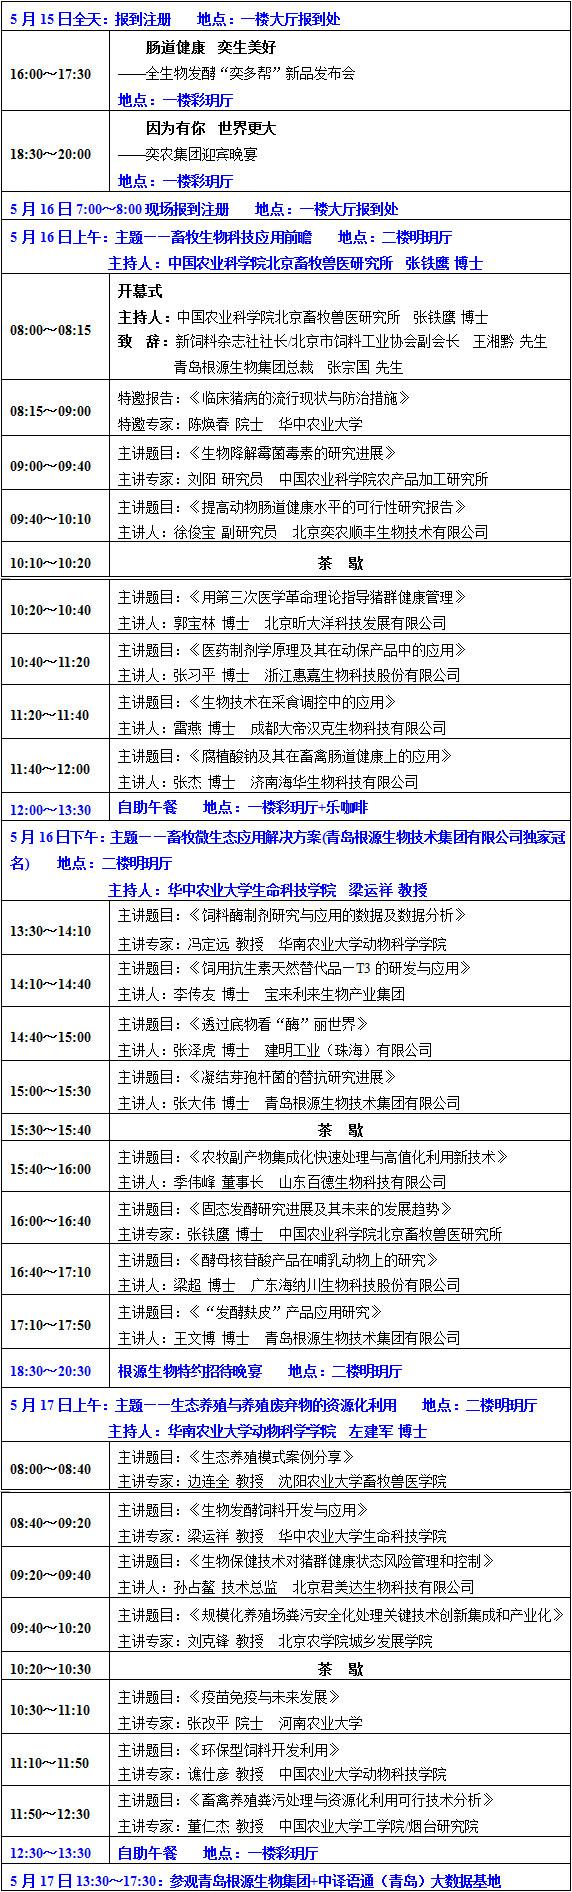 2017第二届中国畜牧生物科技大会最终通知